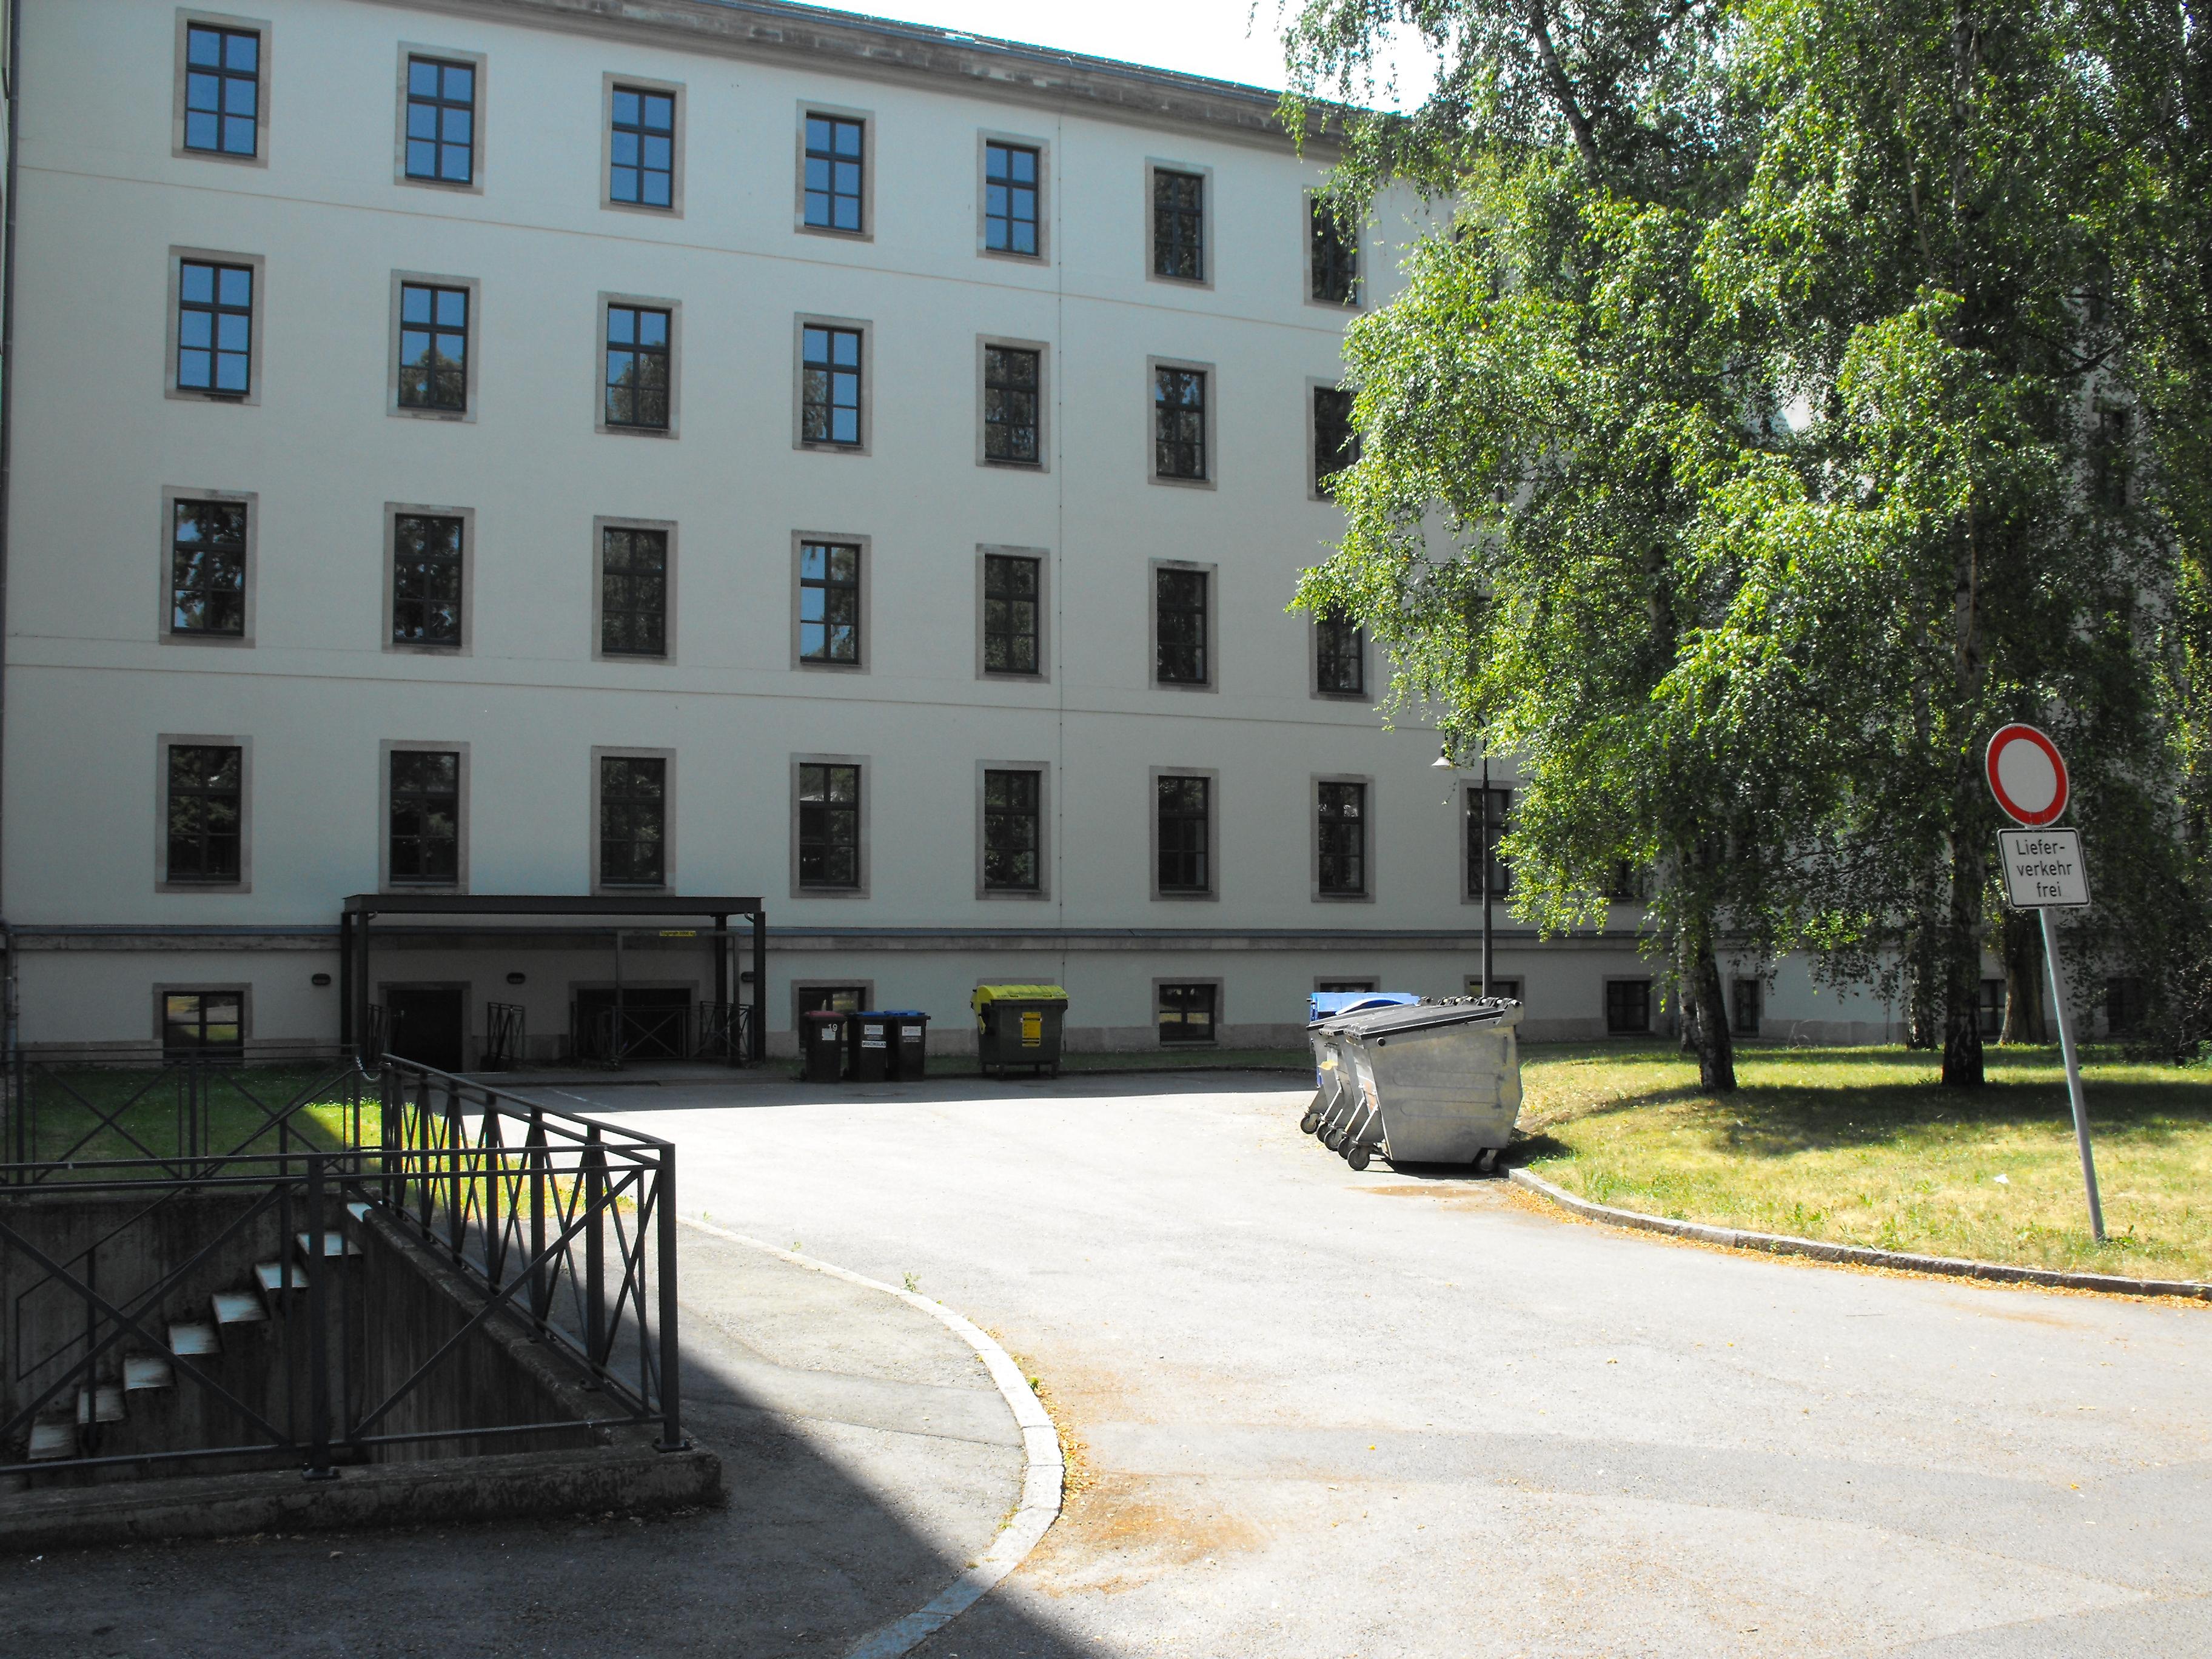 http://se.uploads.ru/AV3g8.jpg